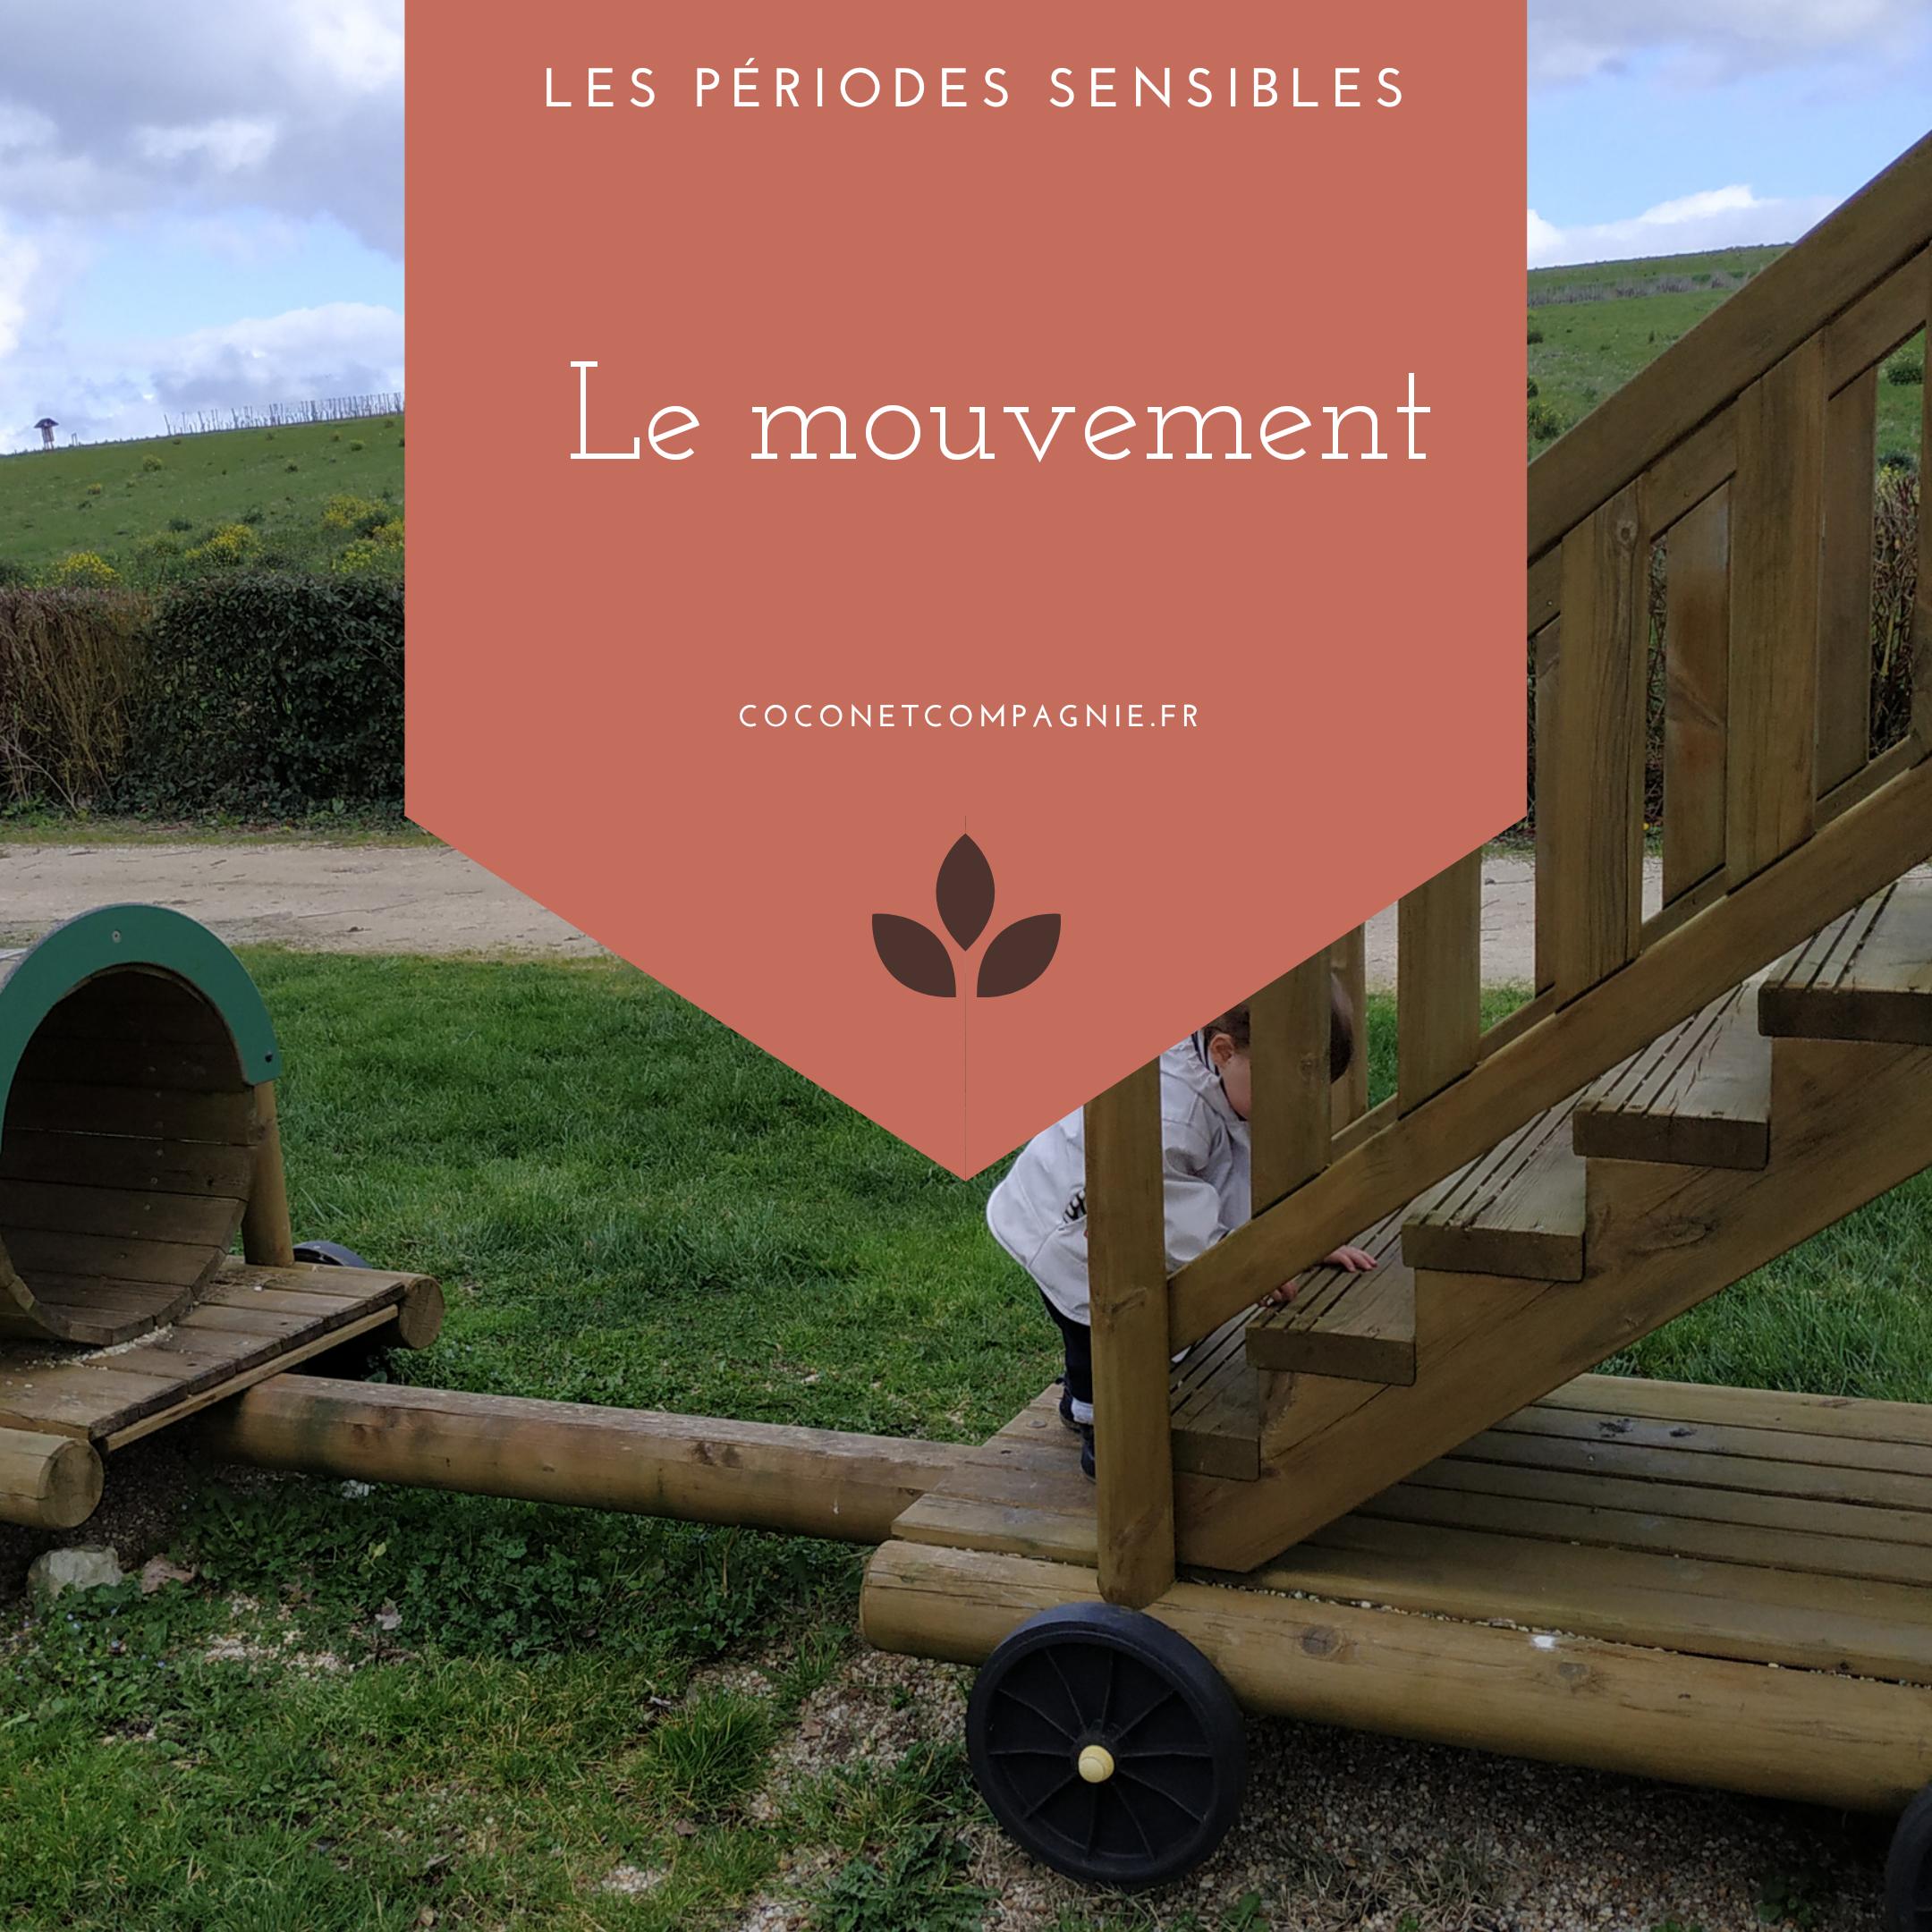 periode_sensible_mouvement_cocon_compagnie